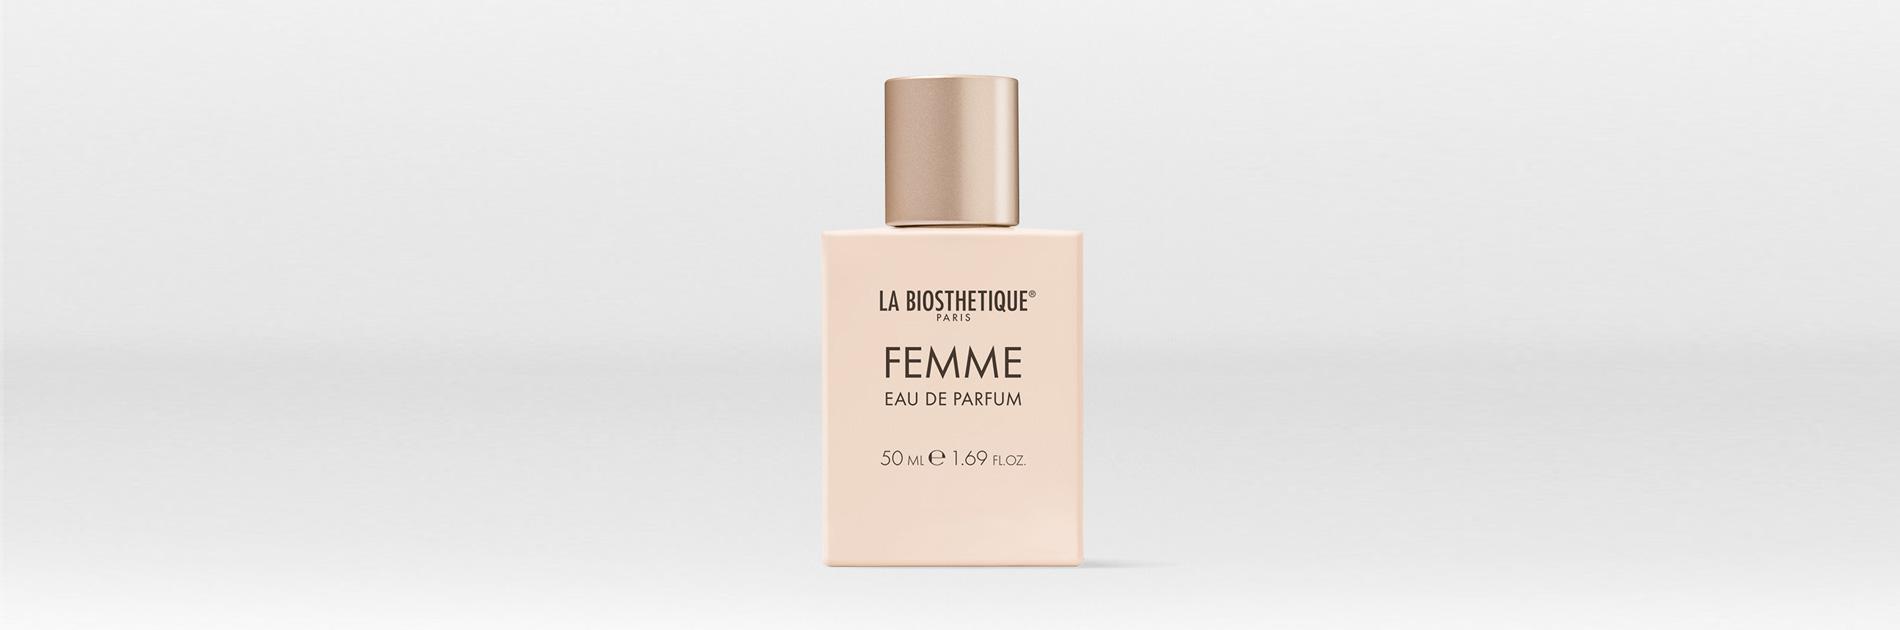 Eau de Parfum Femme - Birgit Gmeiner Bad Ischl